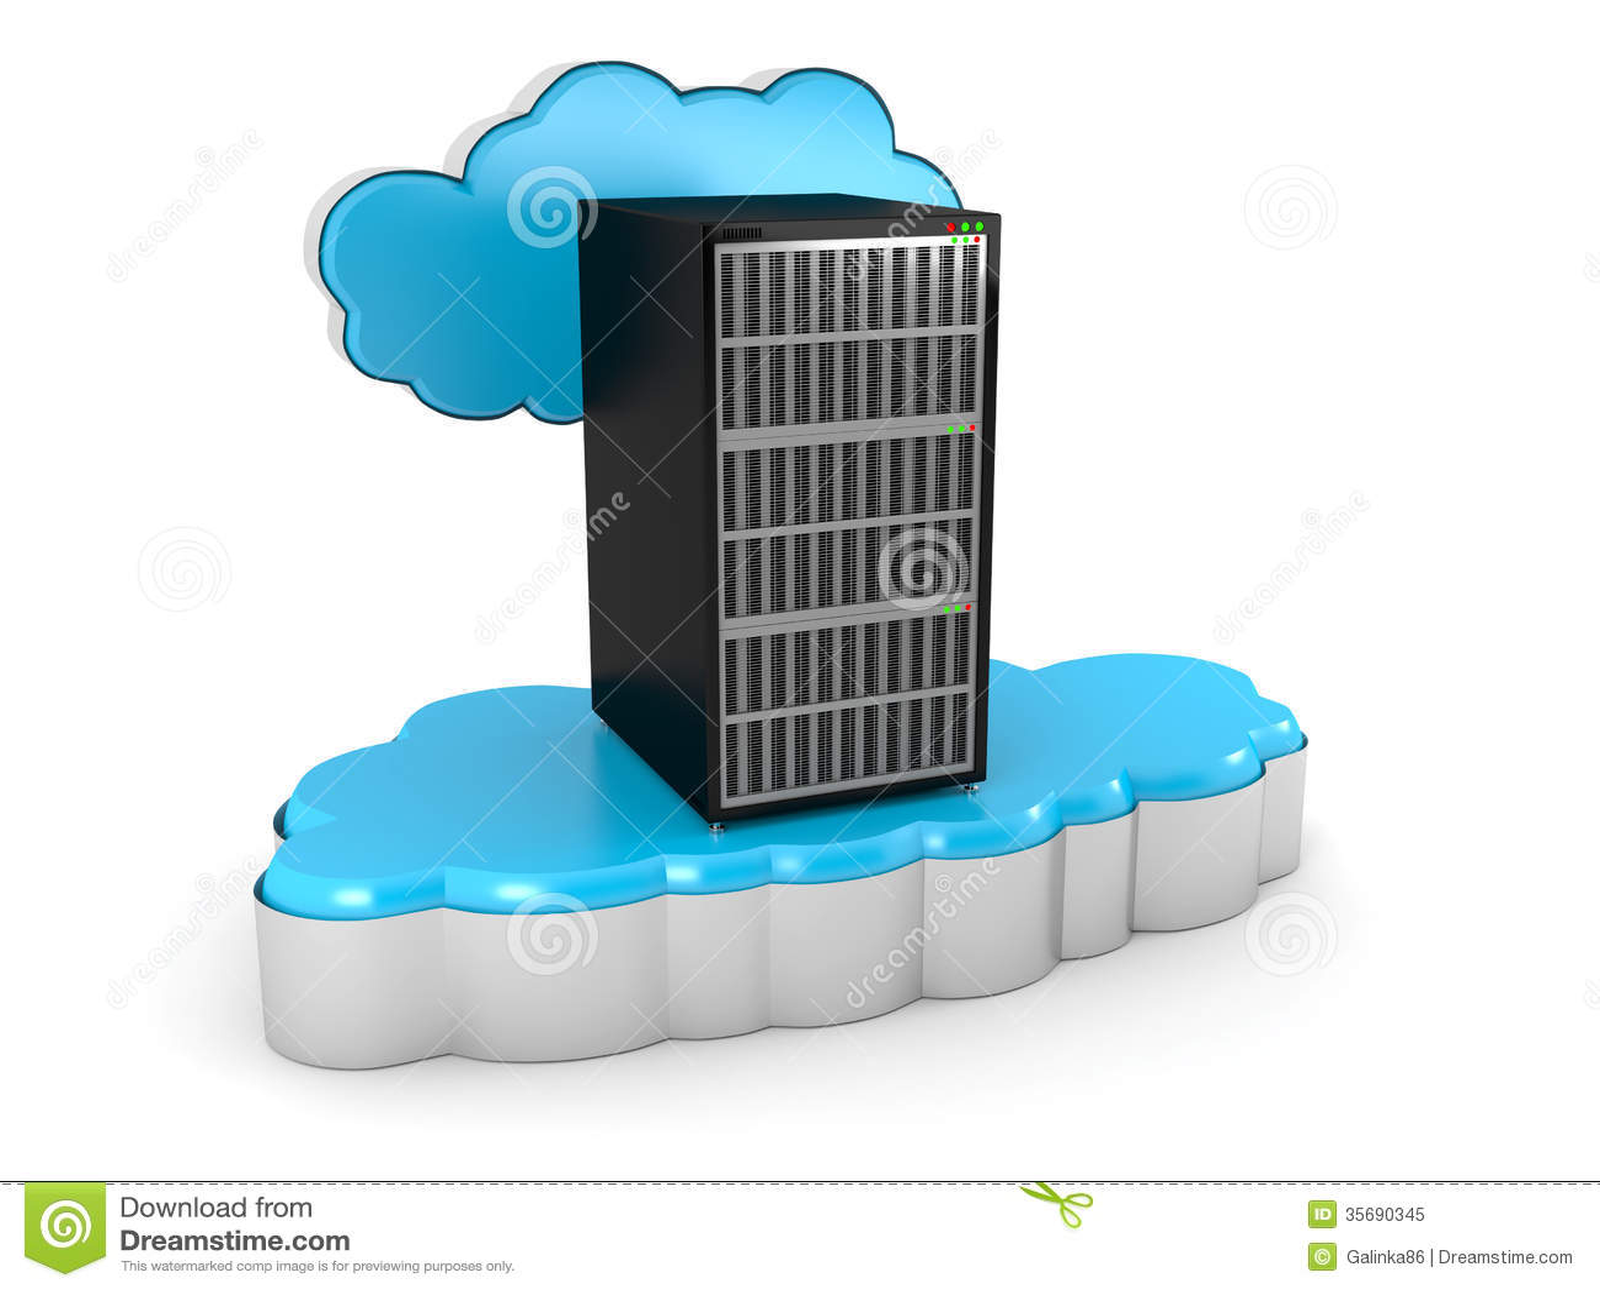 images d'installation du serveur cloud